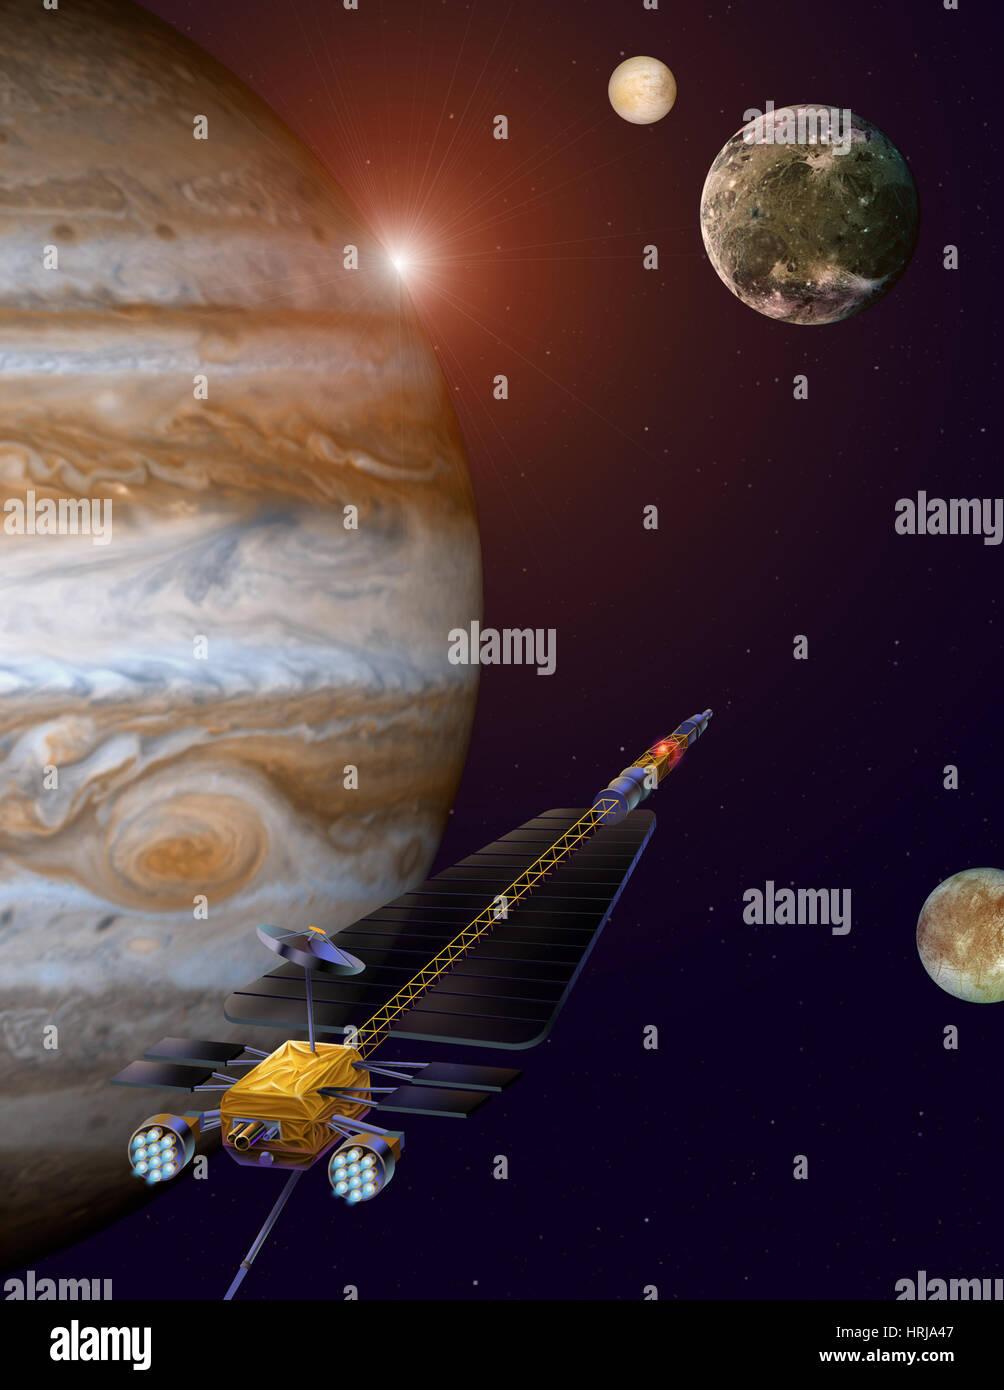 Jupiter Icy Moons Orbiter, Künstlers Konzept Stockbild